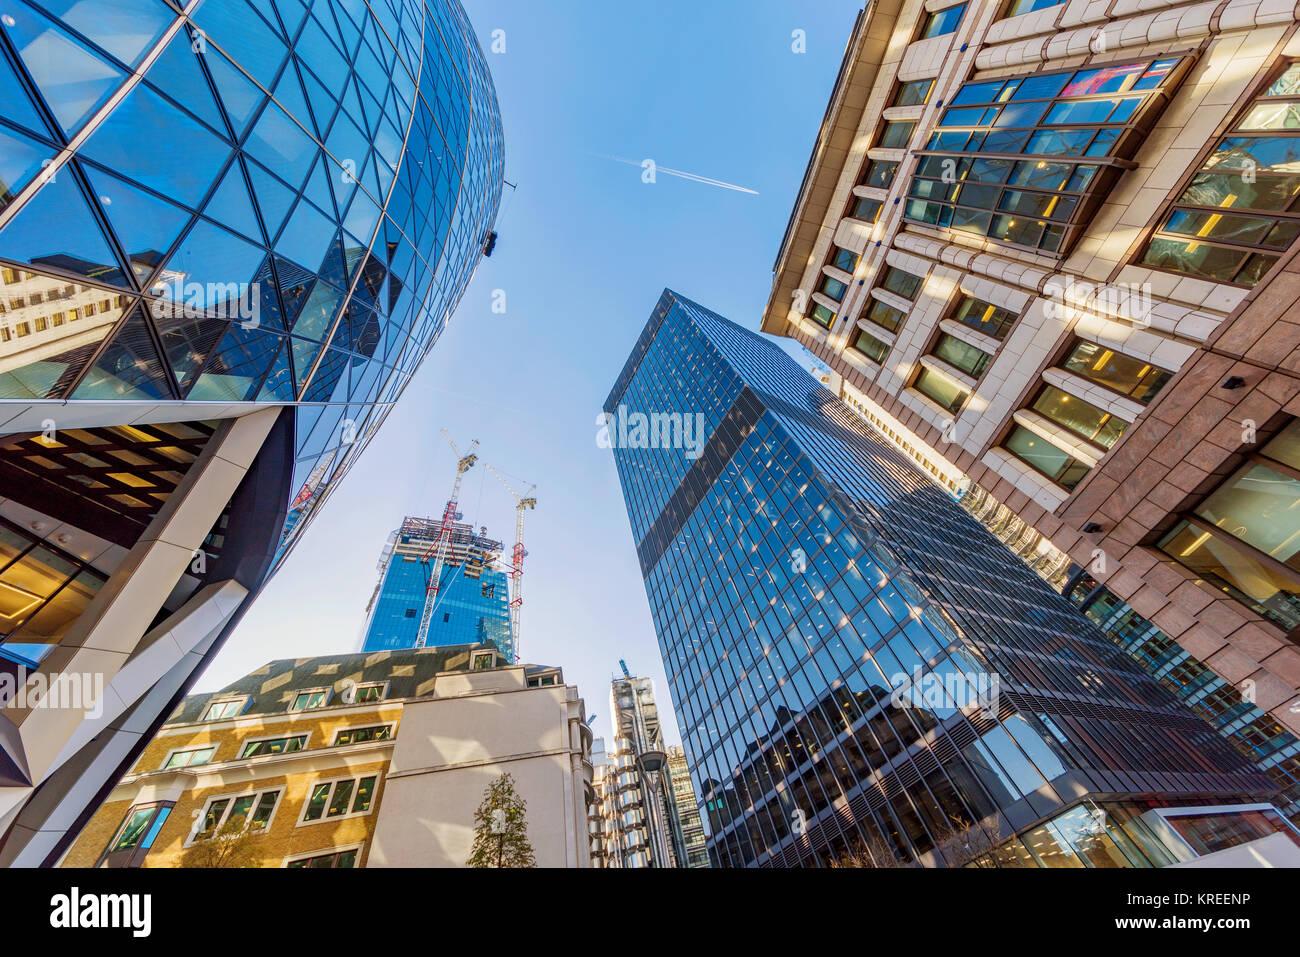 Londres, Royaume-Uni - 26 OCTOBRE: c'est une vue de la ville de Londres, l'architecture du quartier financier le Banque D'Images